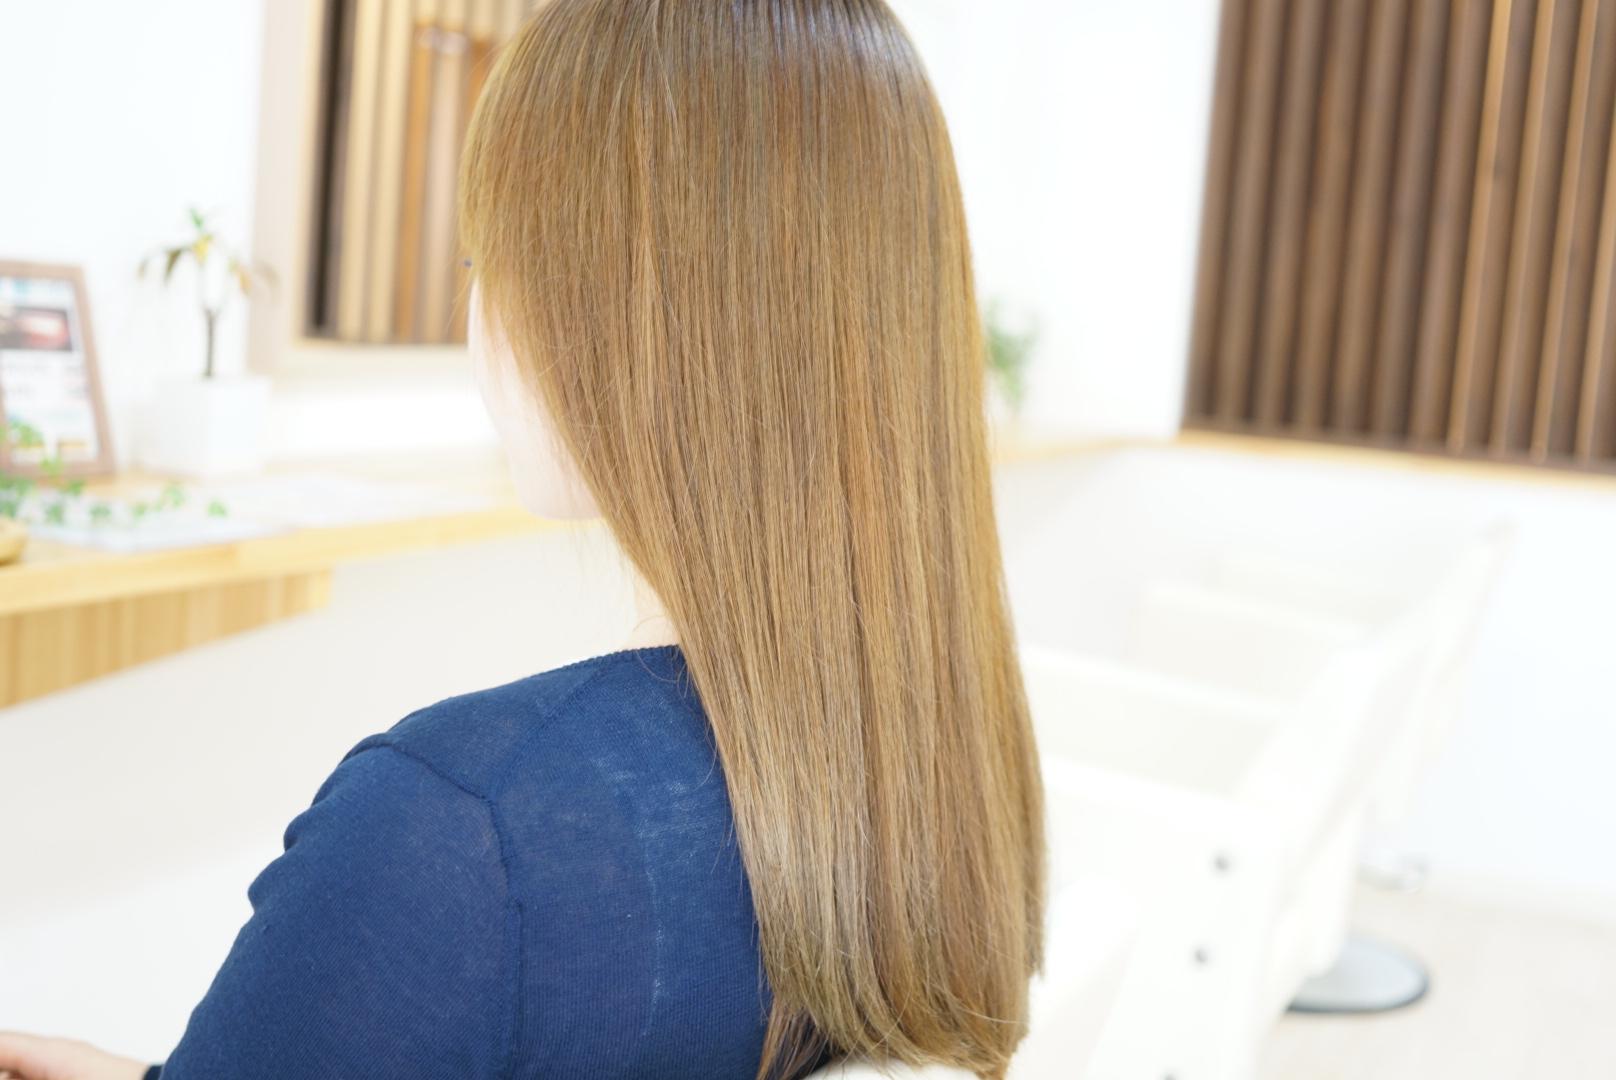 上田市の美容室エールのカット、カラー仕上がり